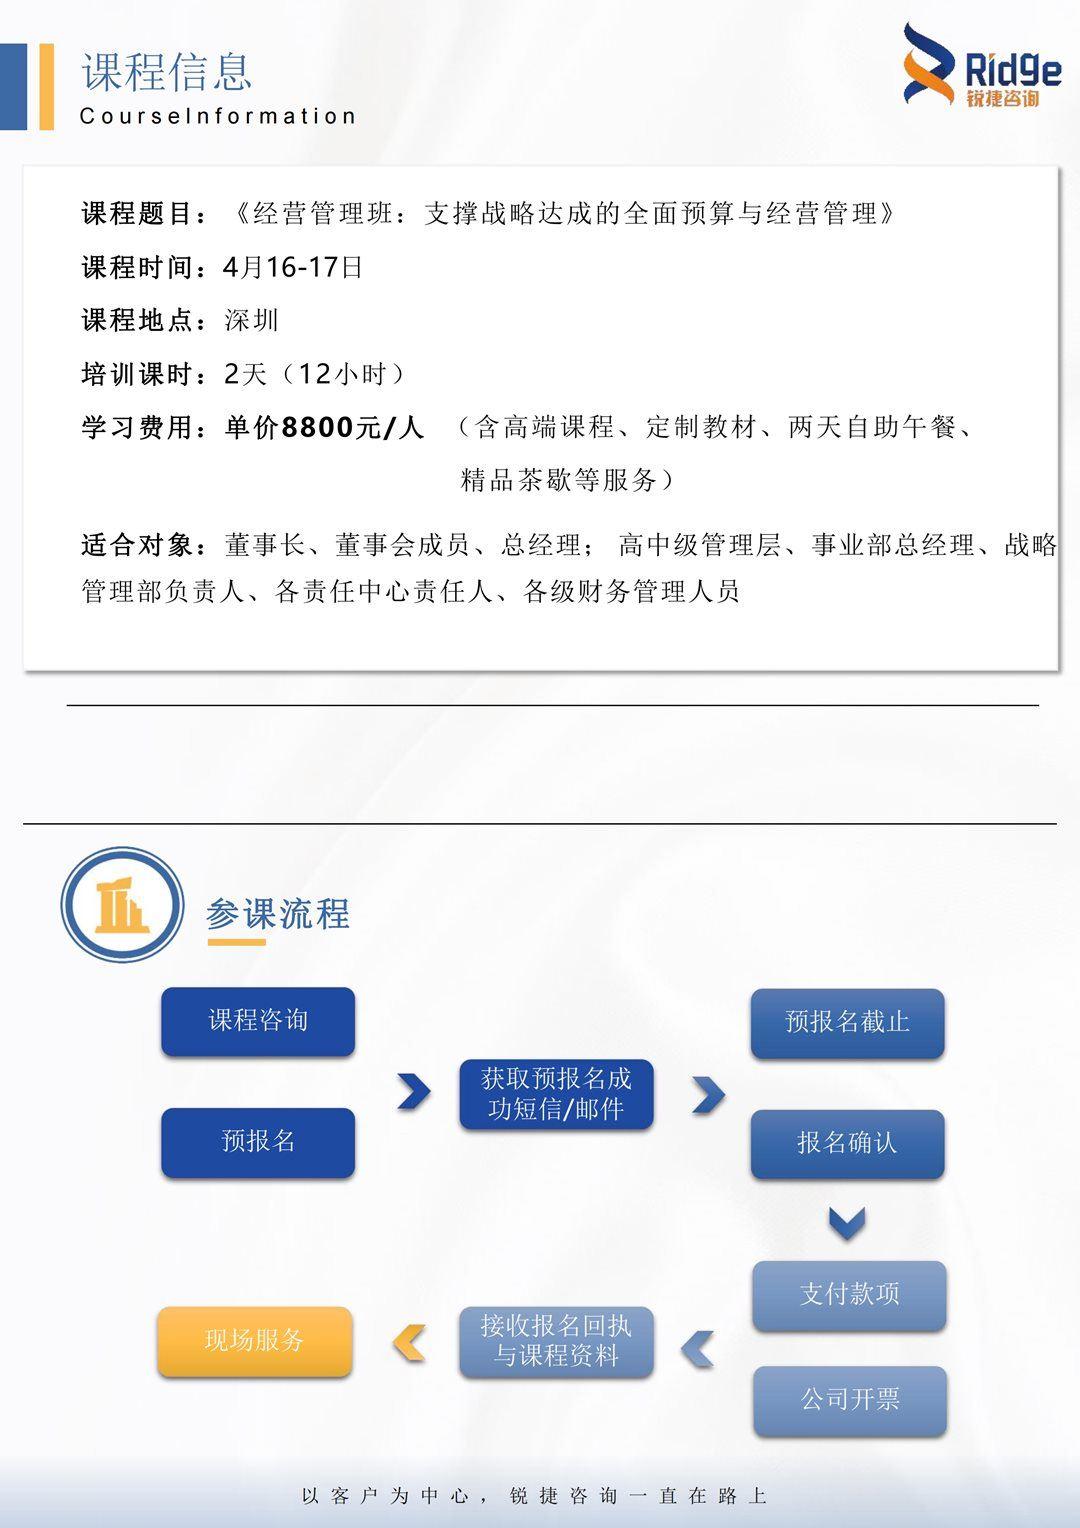 【4月经营管理班】支撑战略的全面预算和经营管理》_09.png